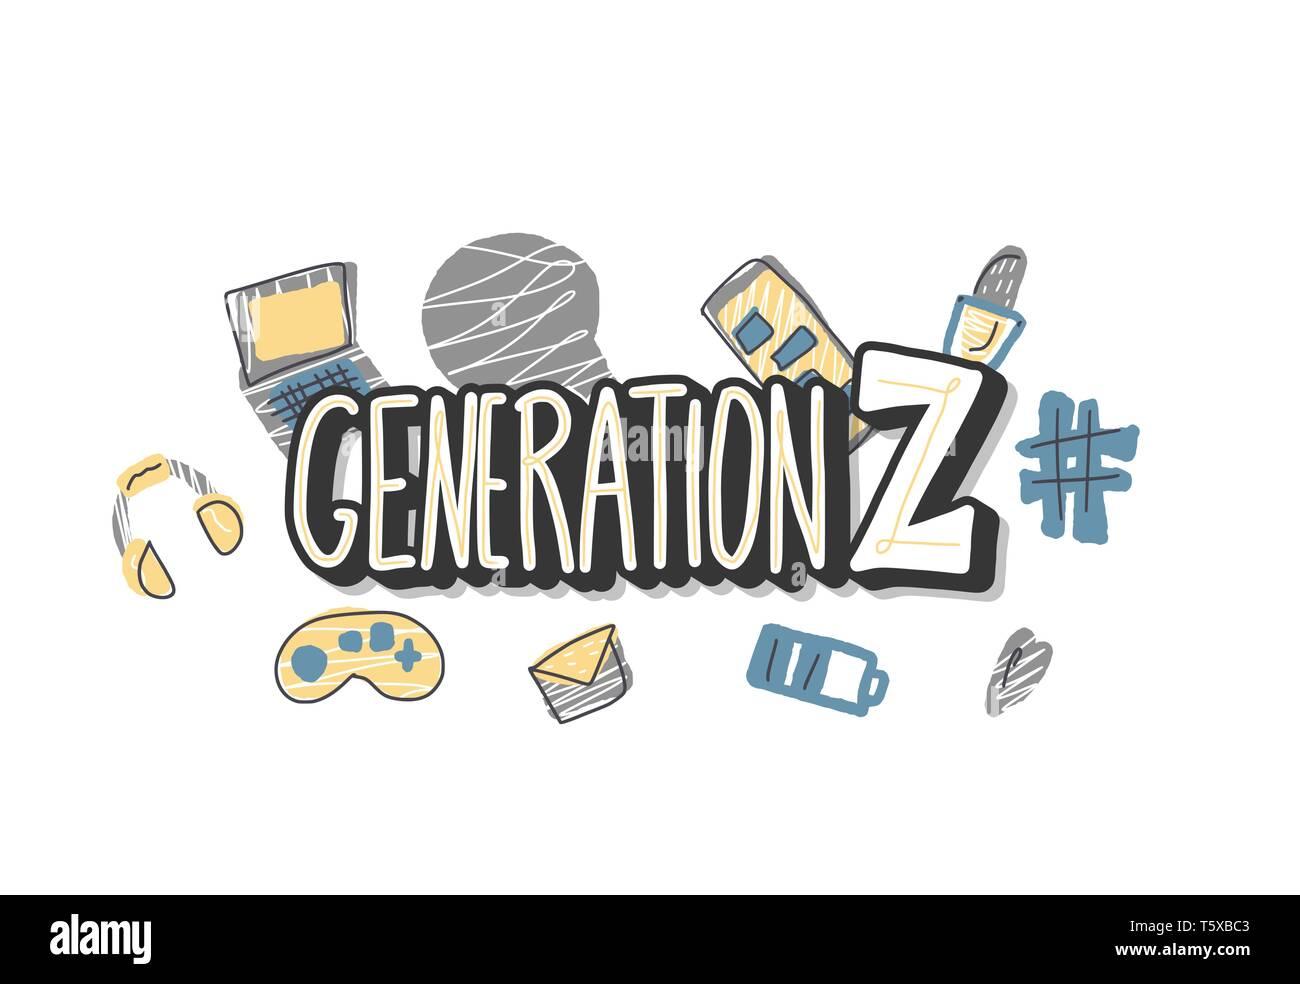 Generation z emblem  Text with digital symbols  Vector concept